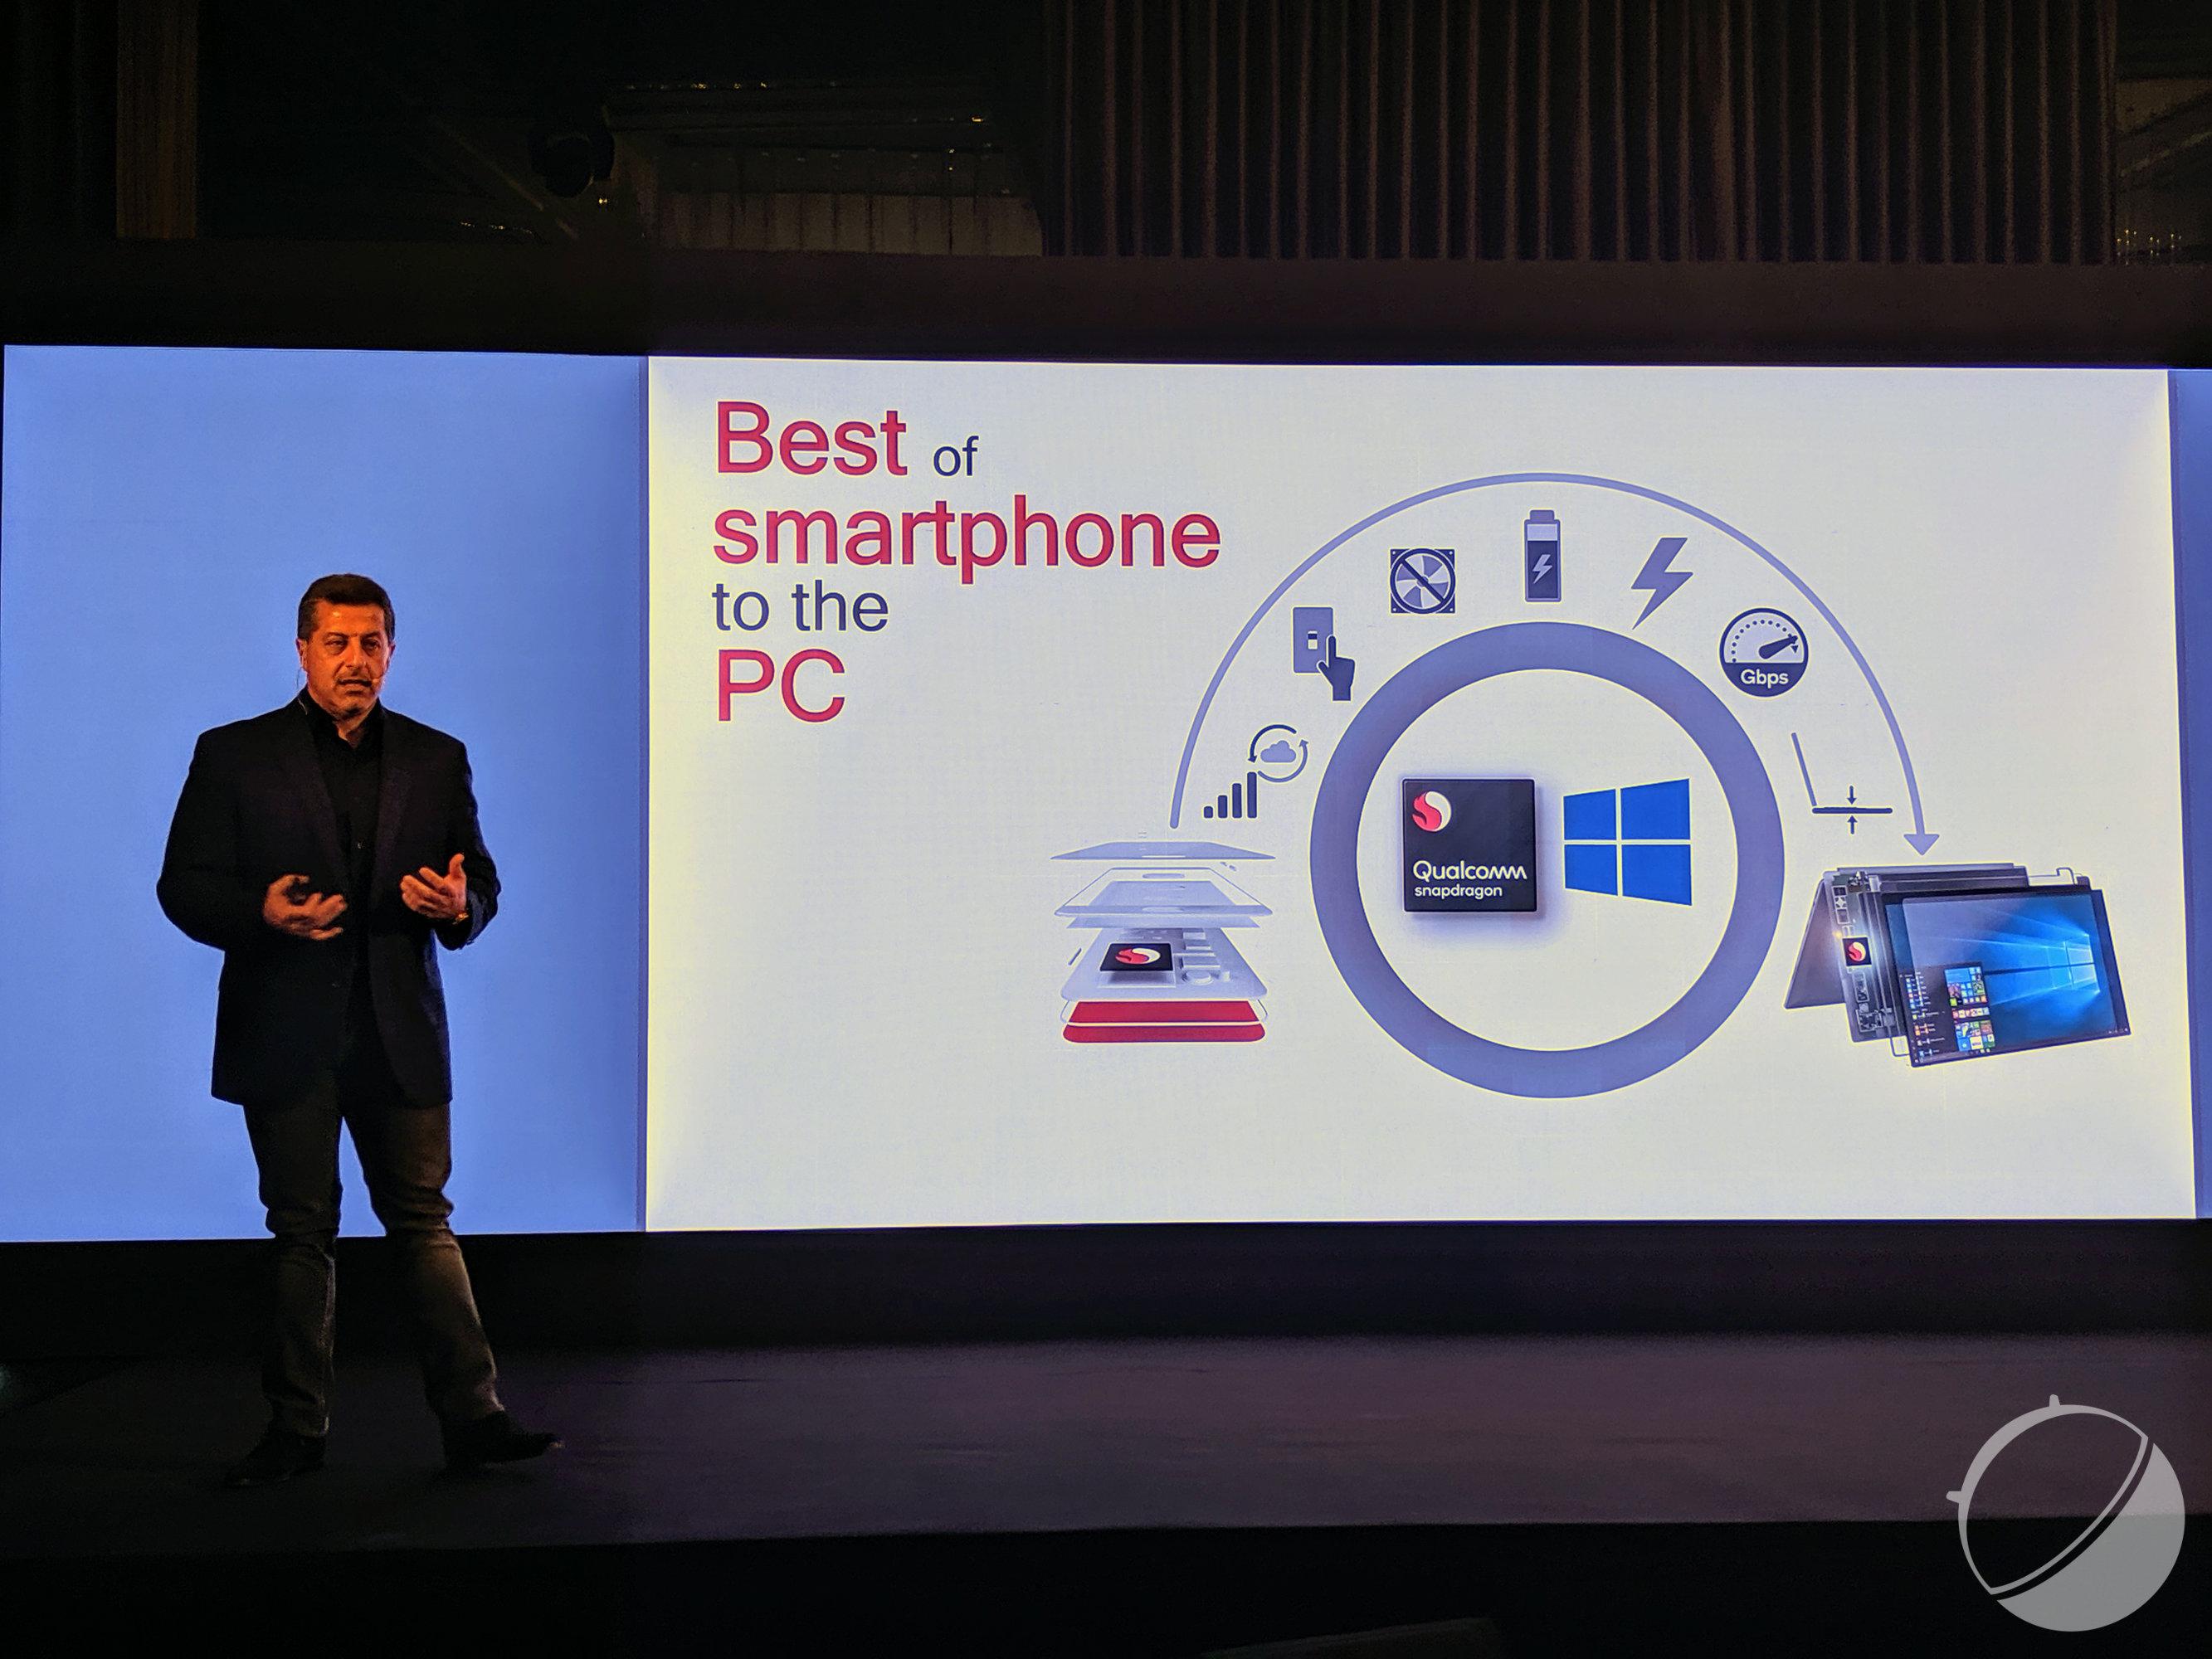 Avec le Snapdragon 8CX, Qualcomm veut dépasser les performances d'Intel